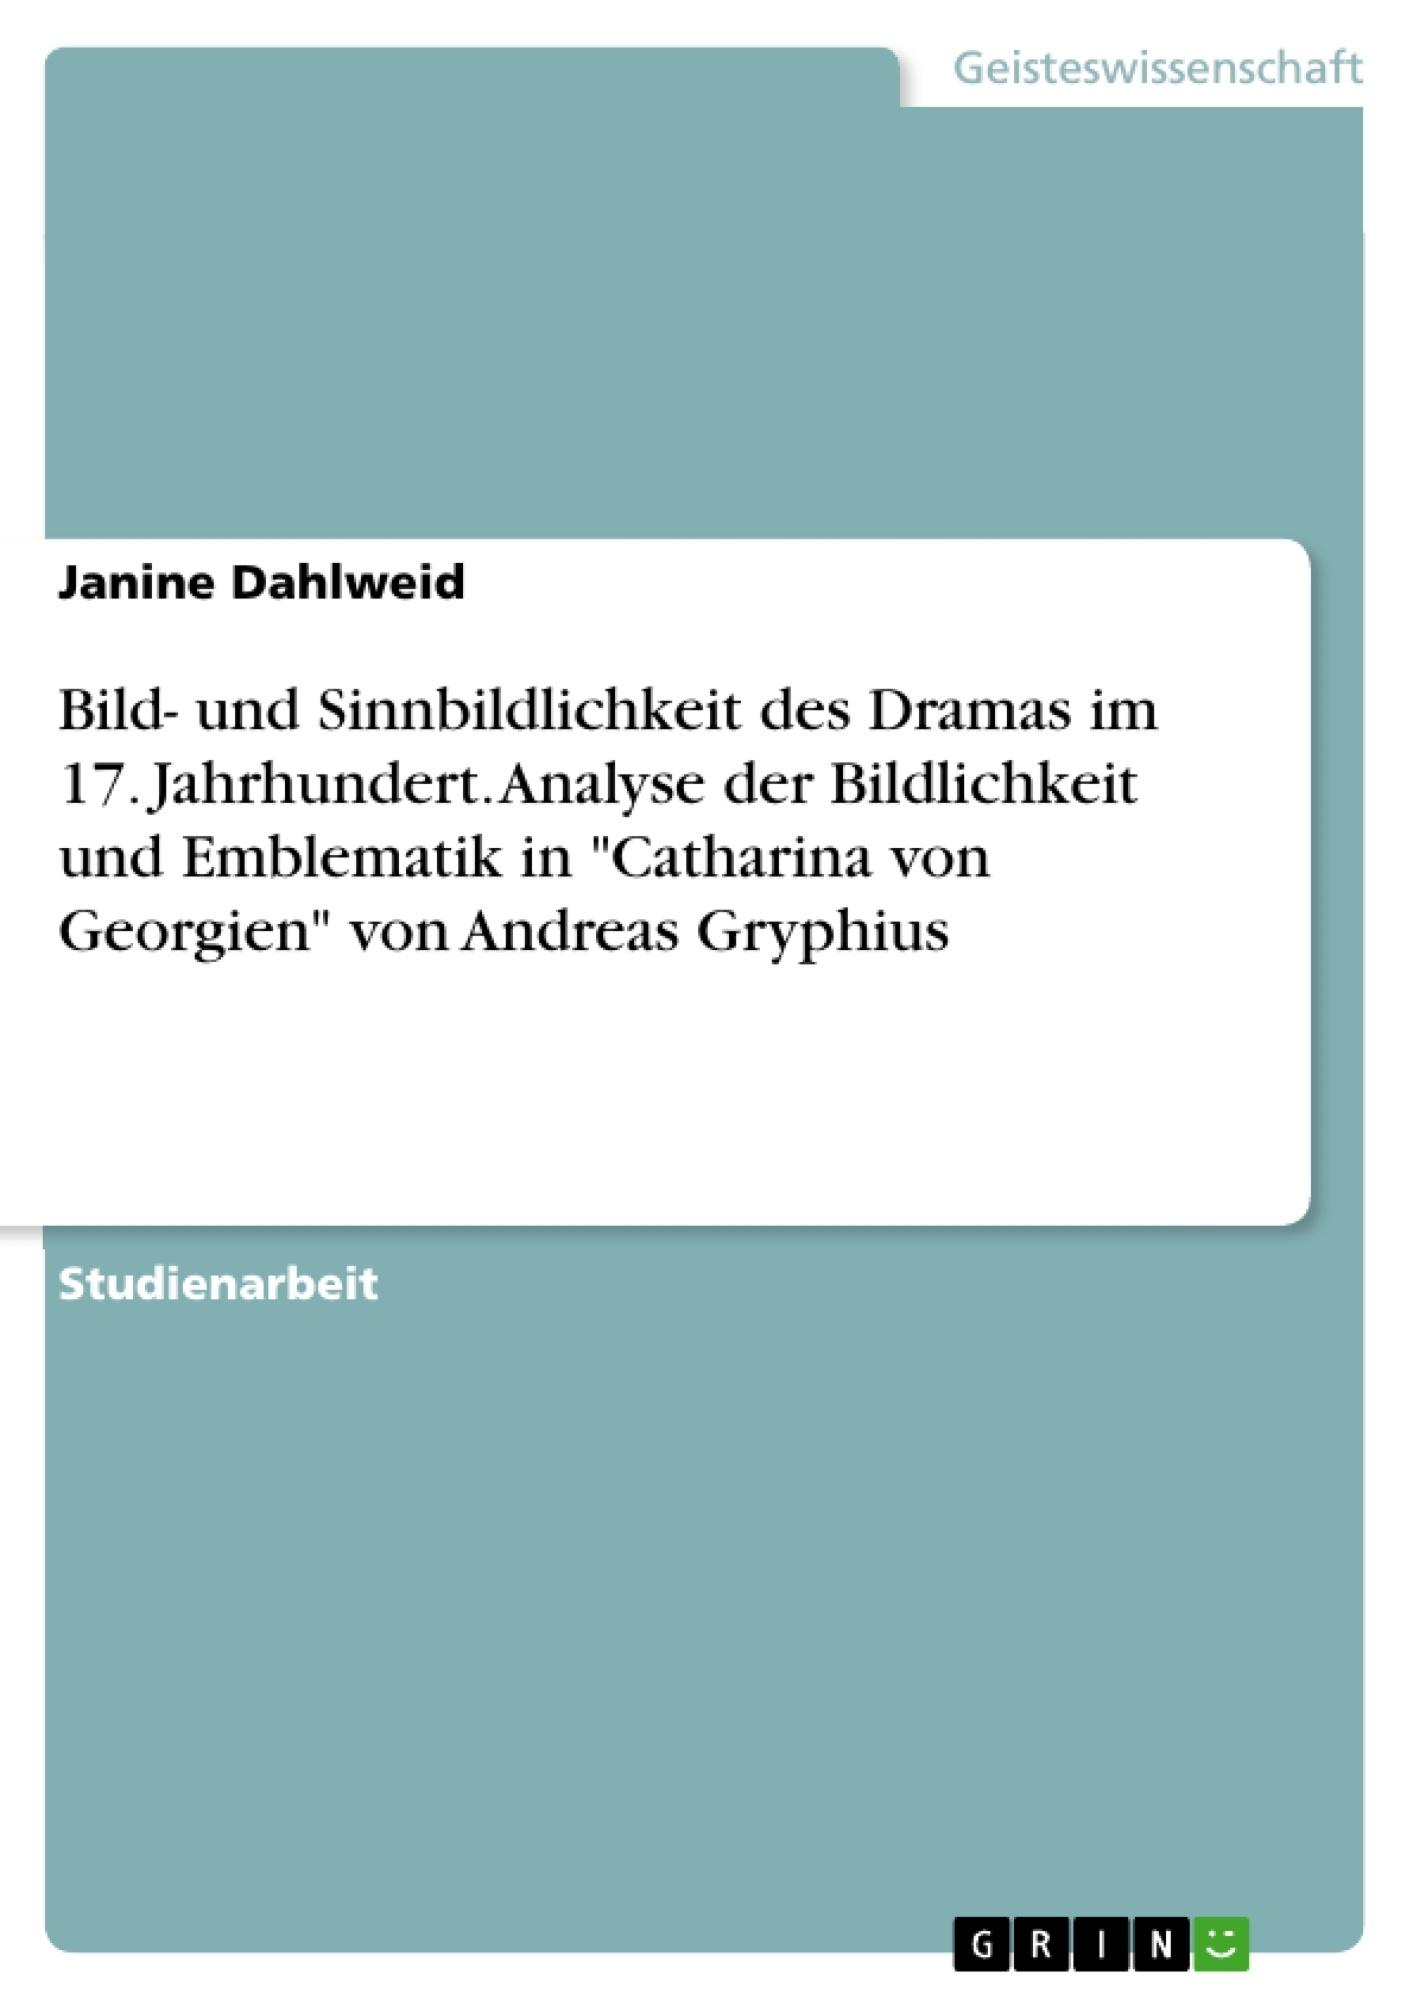 """Titel: Bild- und Sinnbildlichkeit des Dramas im 17. Jahrhundert. Analyse der Bildlichkeit und Emblematik in """"Catharina von Georgien"""" von Andreas Gryphius"""